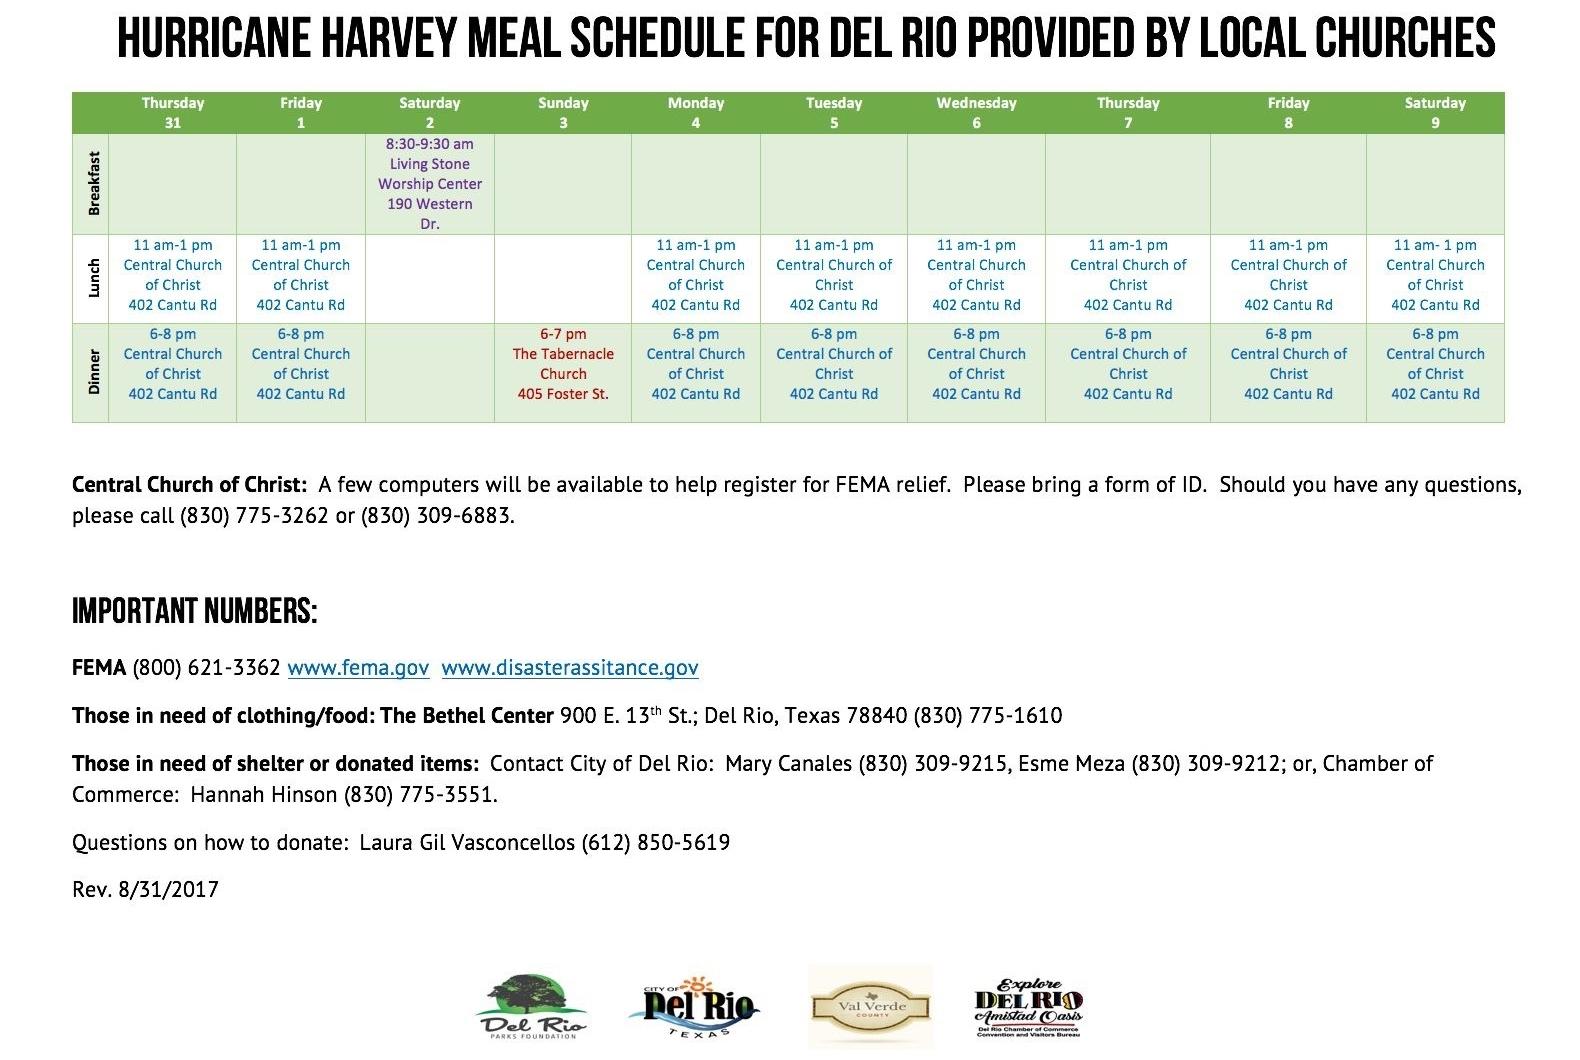 Del Rio, TX Meal Schedule